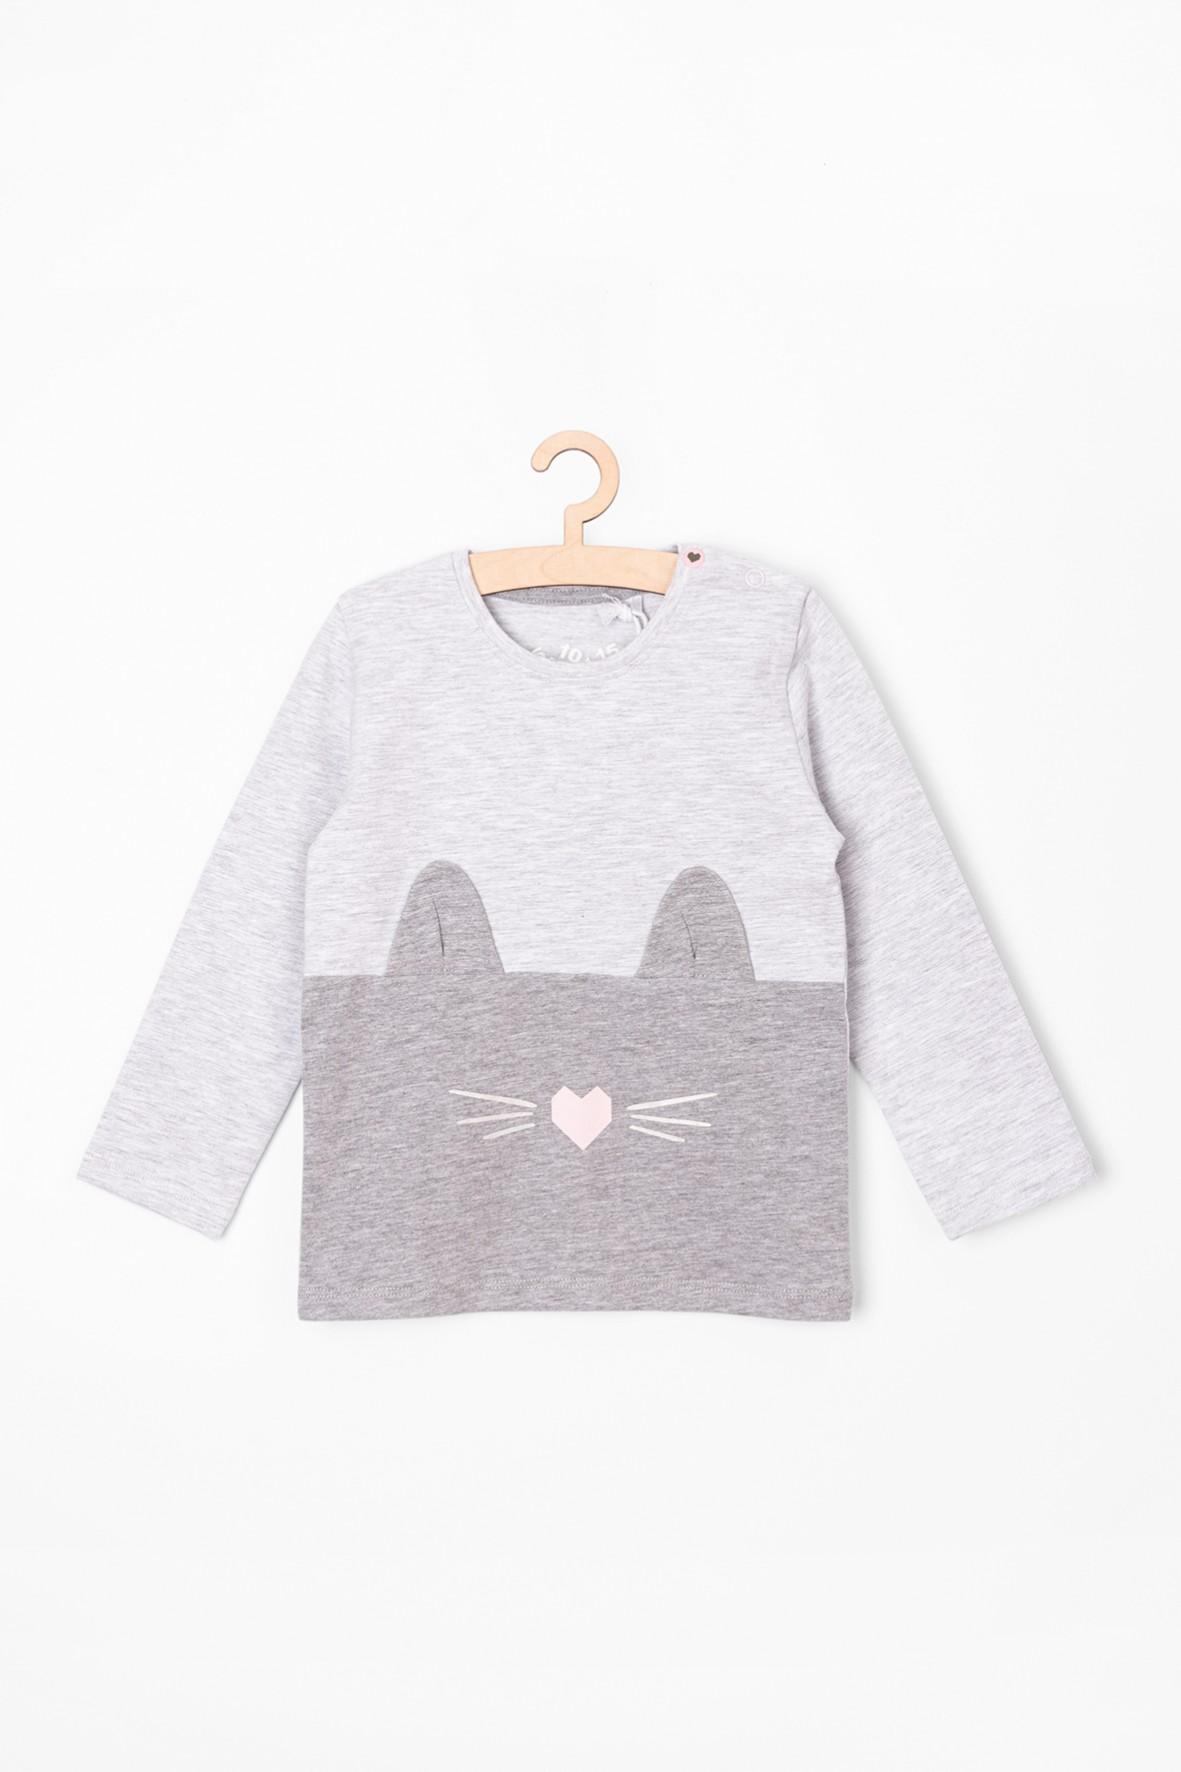 Bluzka dziewczęca z kotkiem-szara z kotkiem